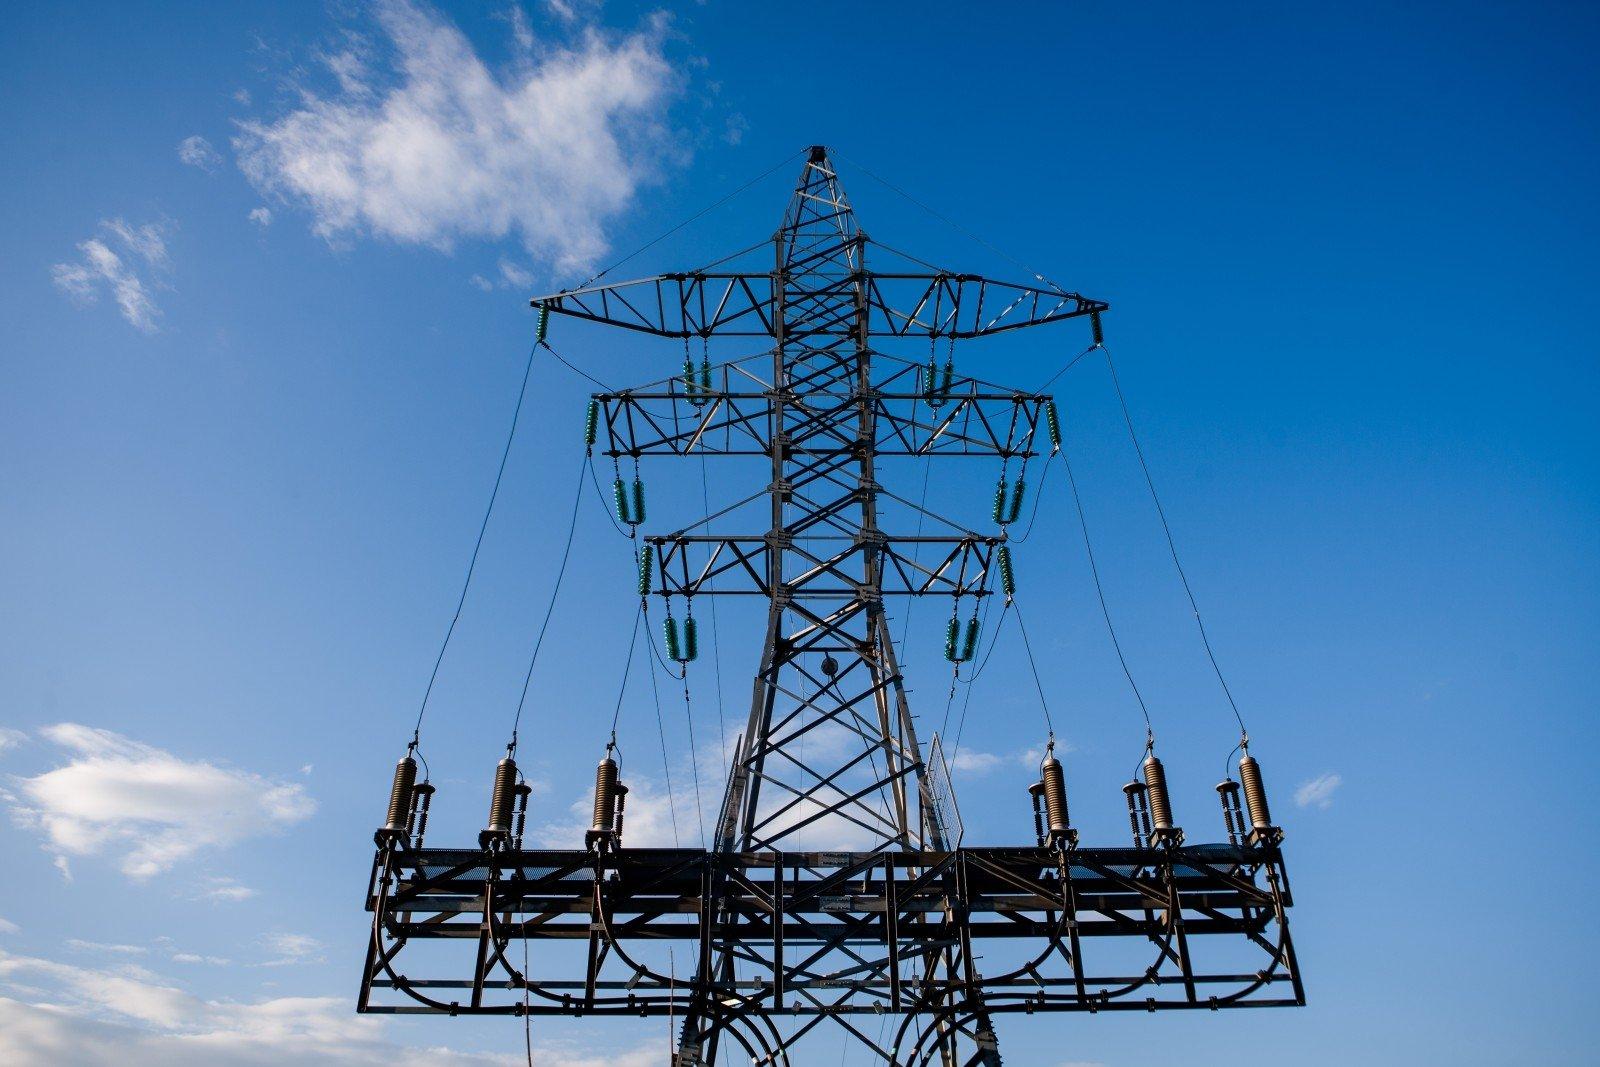 «Самрук-Энерго» экспортировал в Россию 3,7 млрд кВт*ч электроэнергии